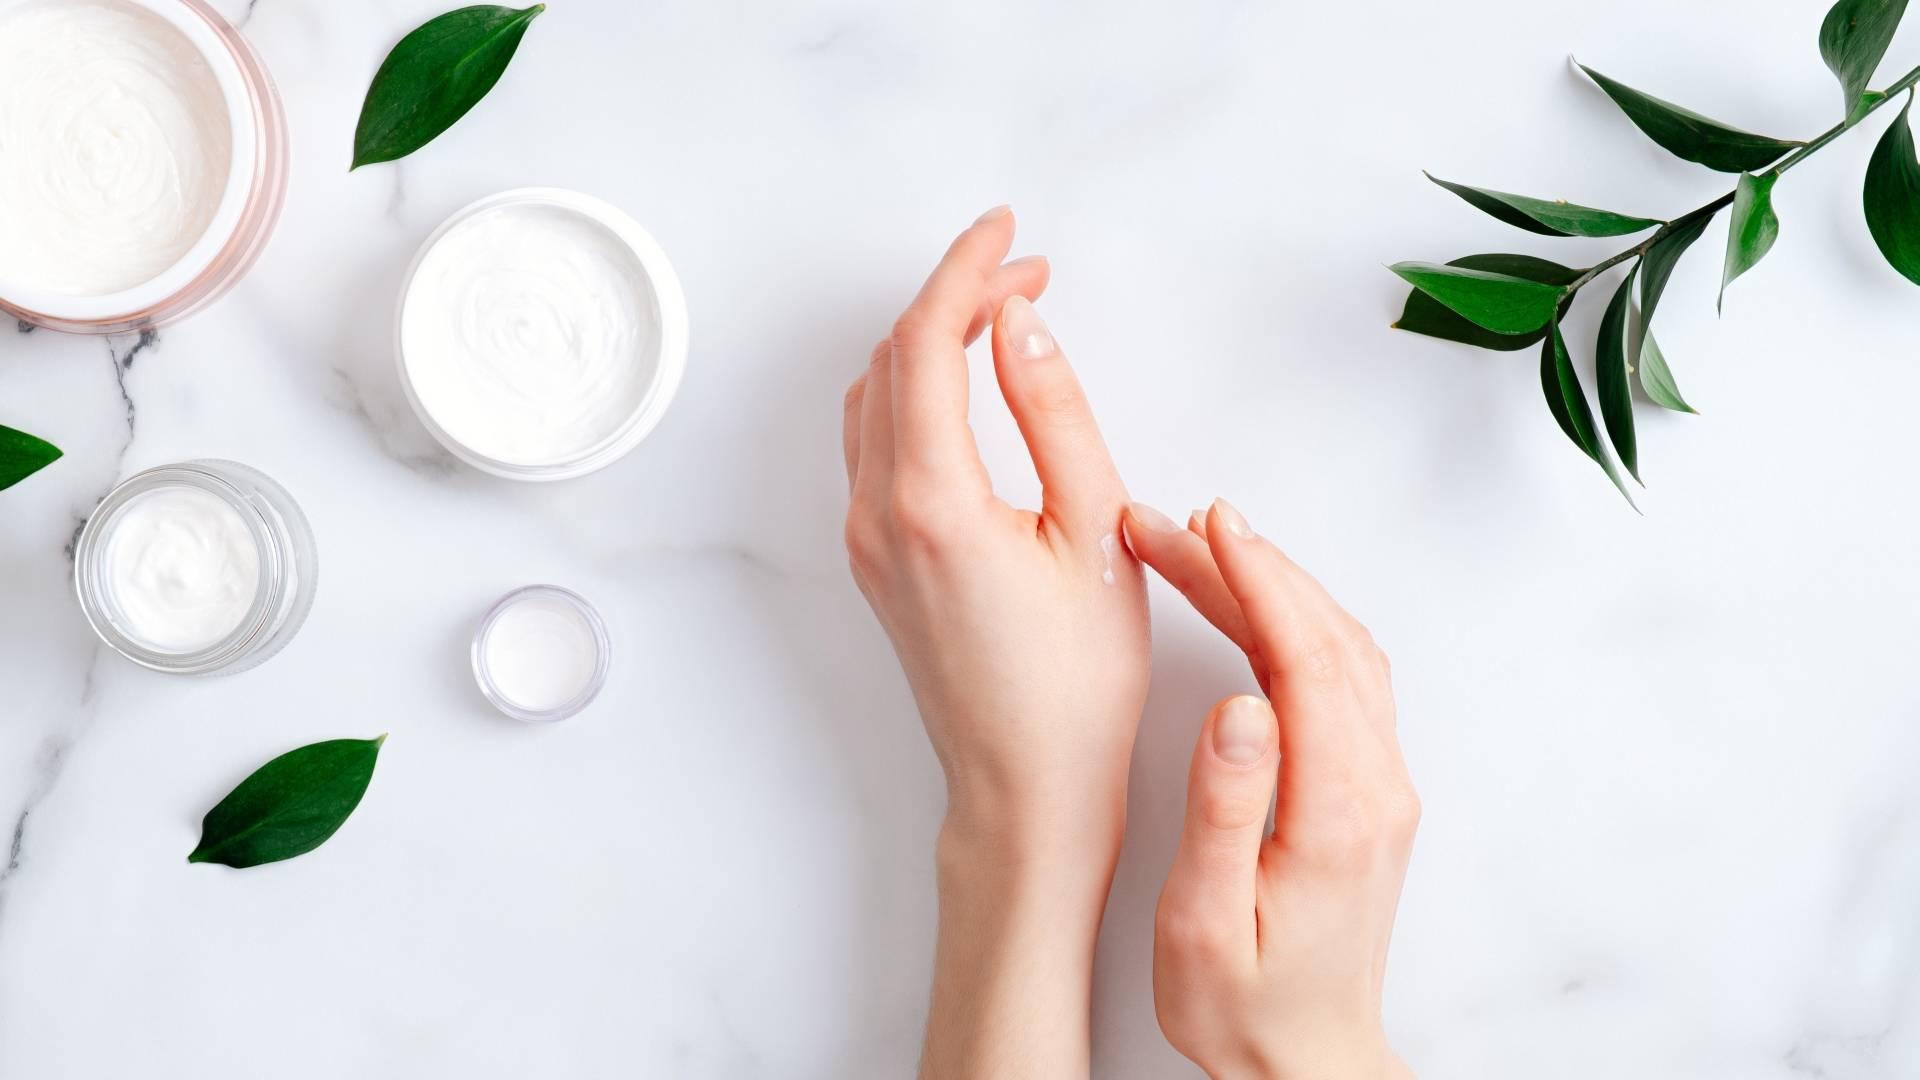 Jak zadbać o suche dłonie w dobie koronawirusa?